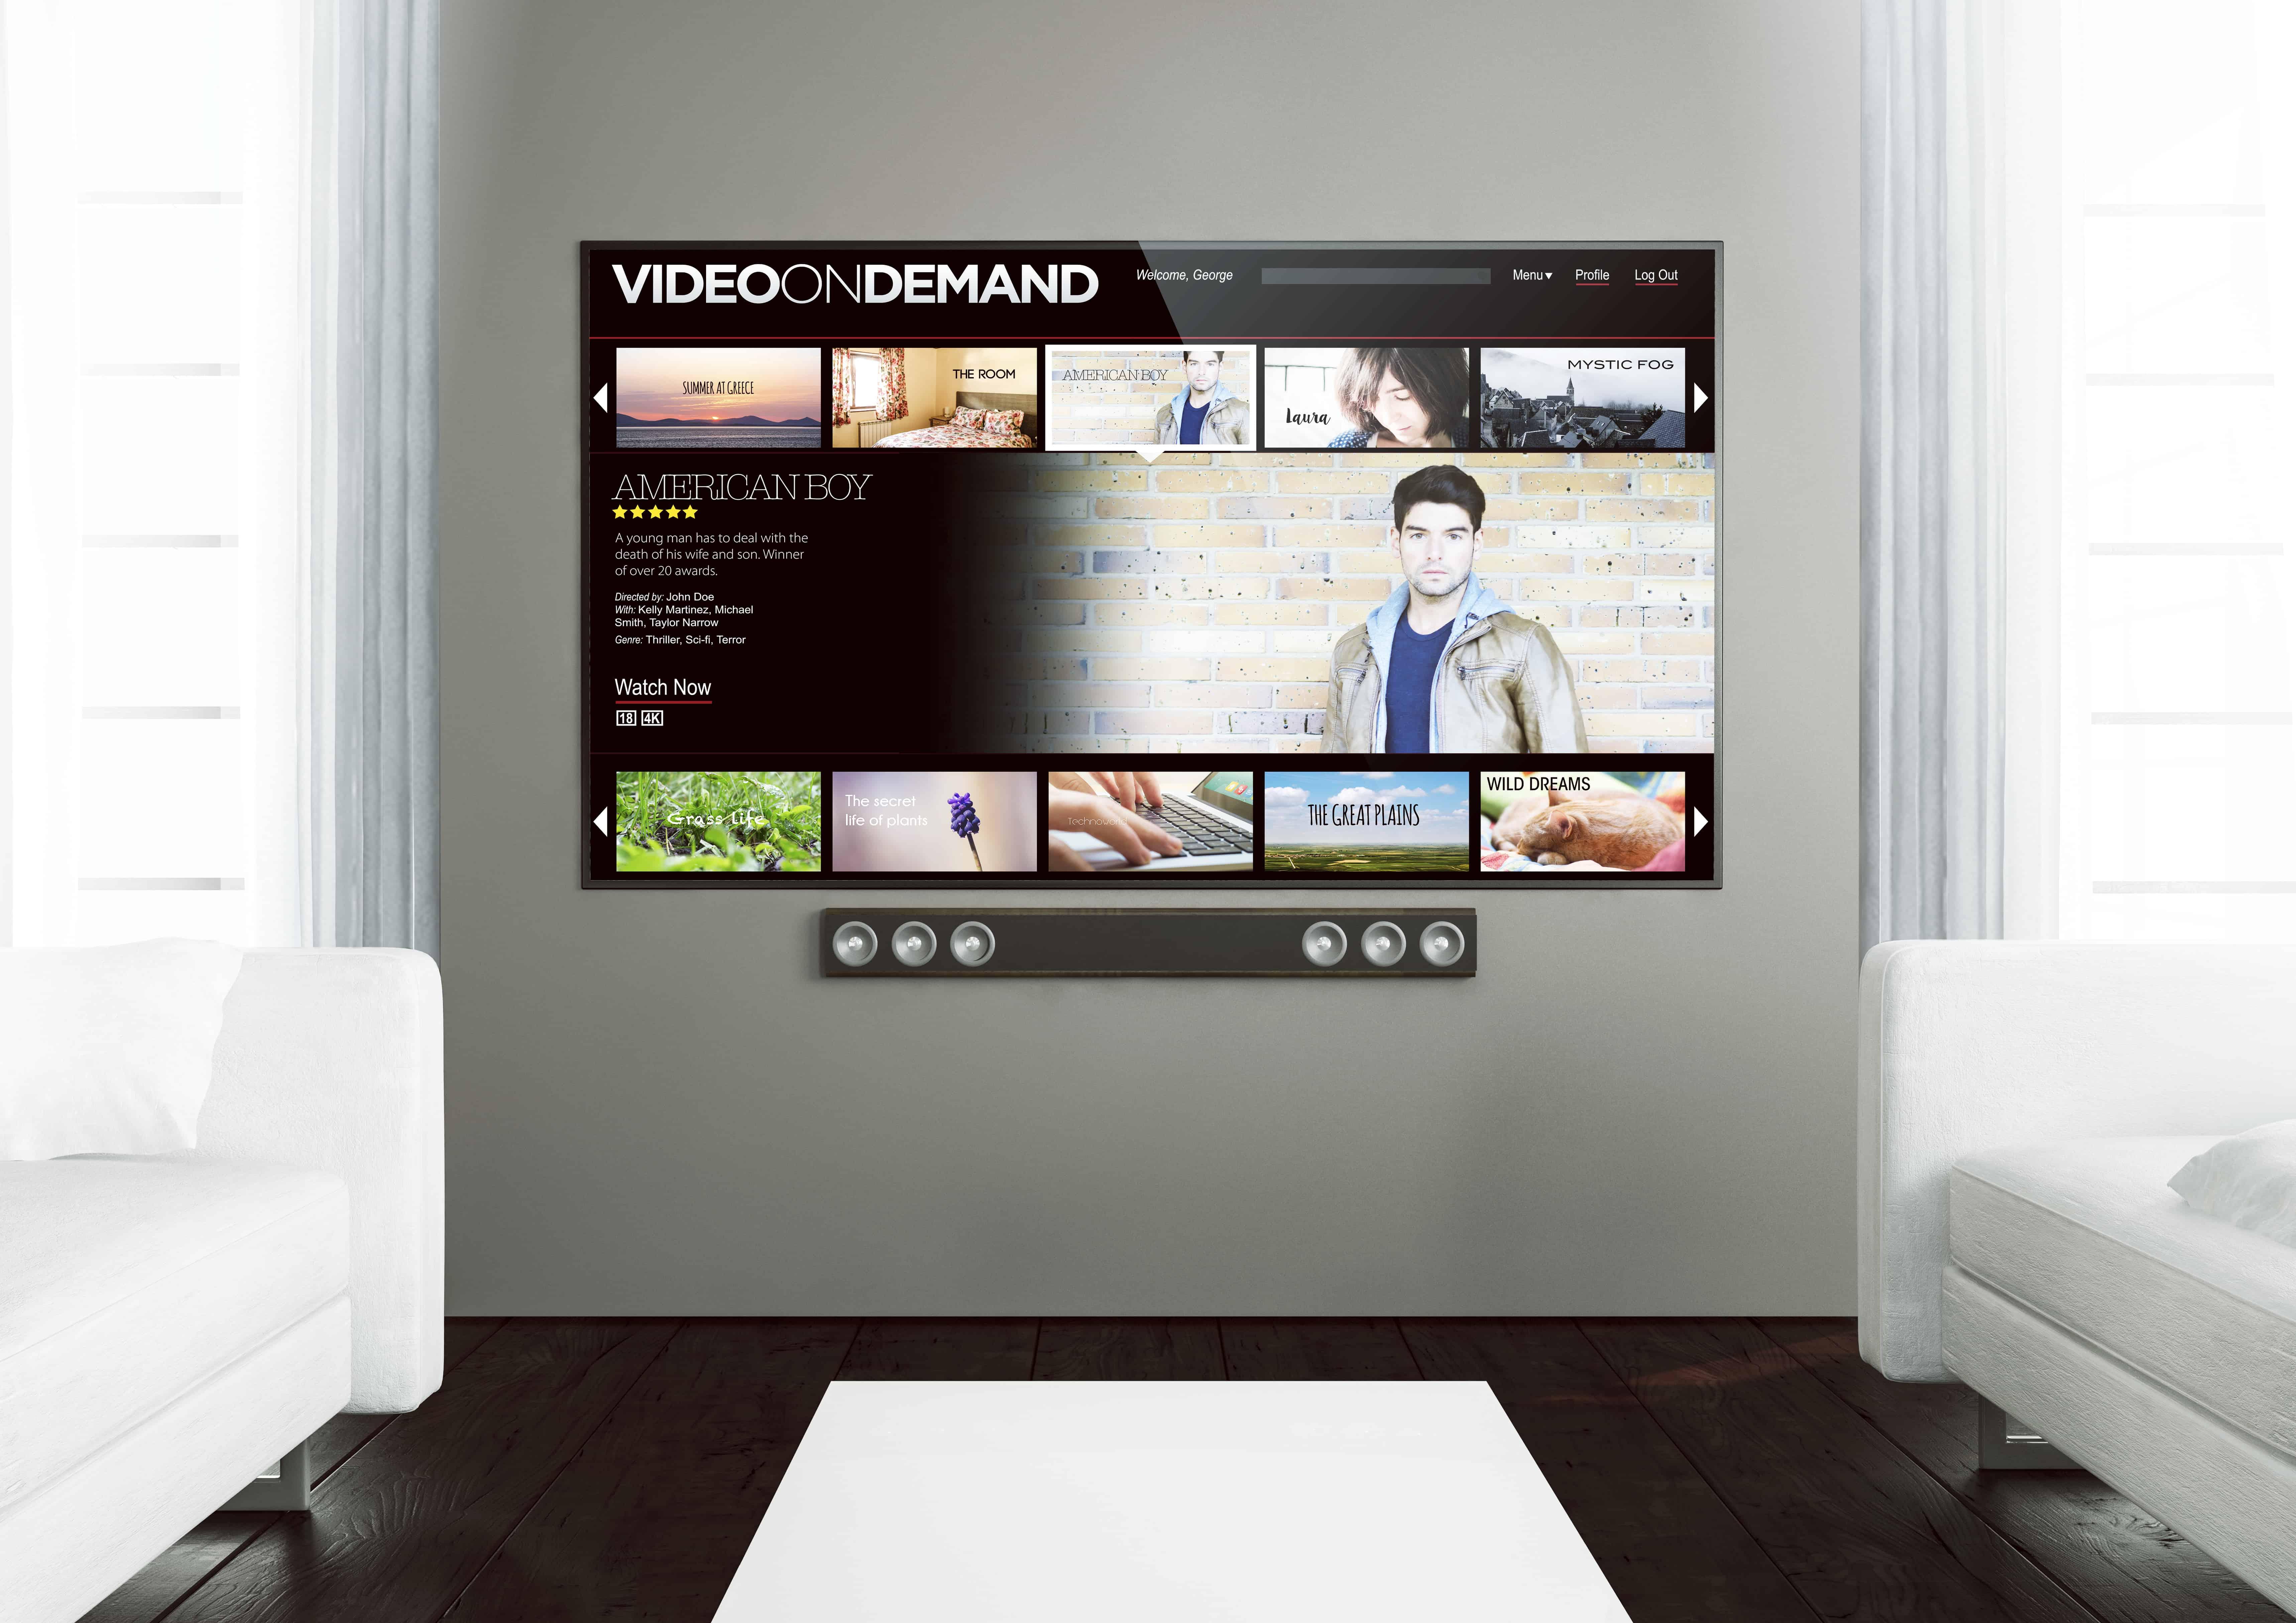 50 Zoll Fernseher: Test & Empfehlungen (11/19)   HEIMKINOHELD